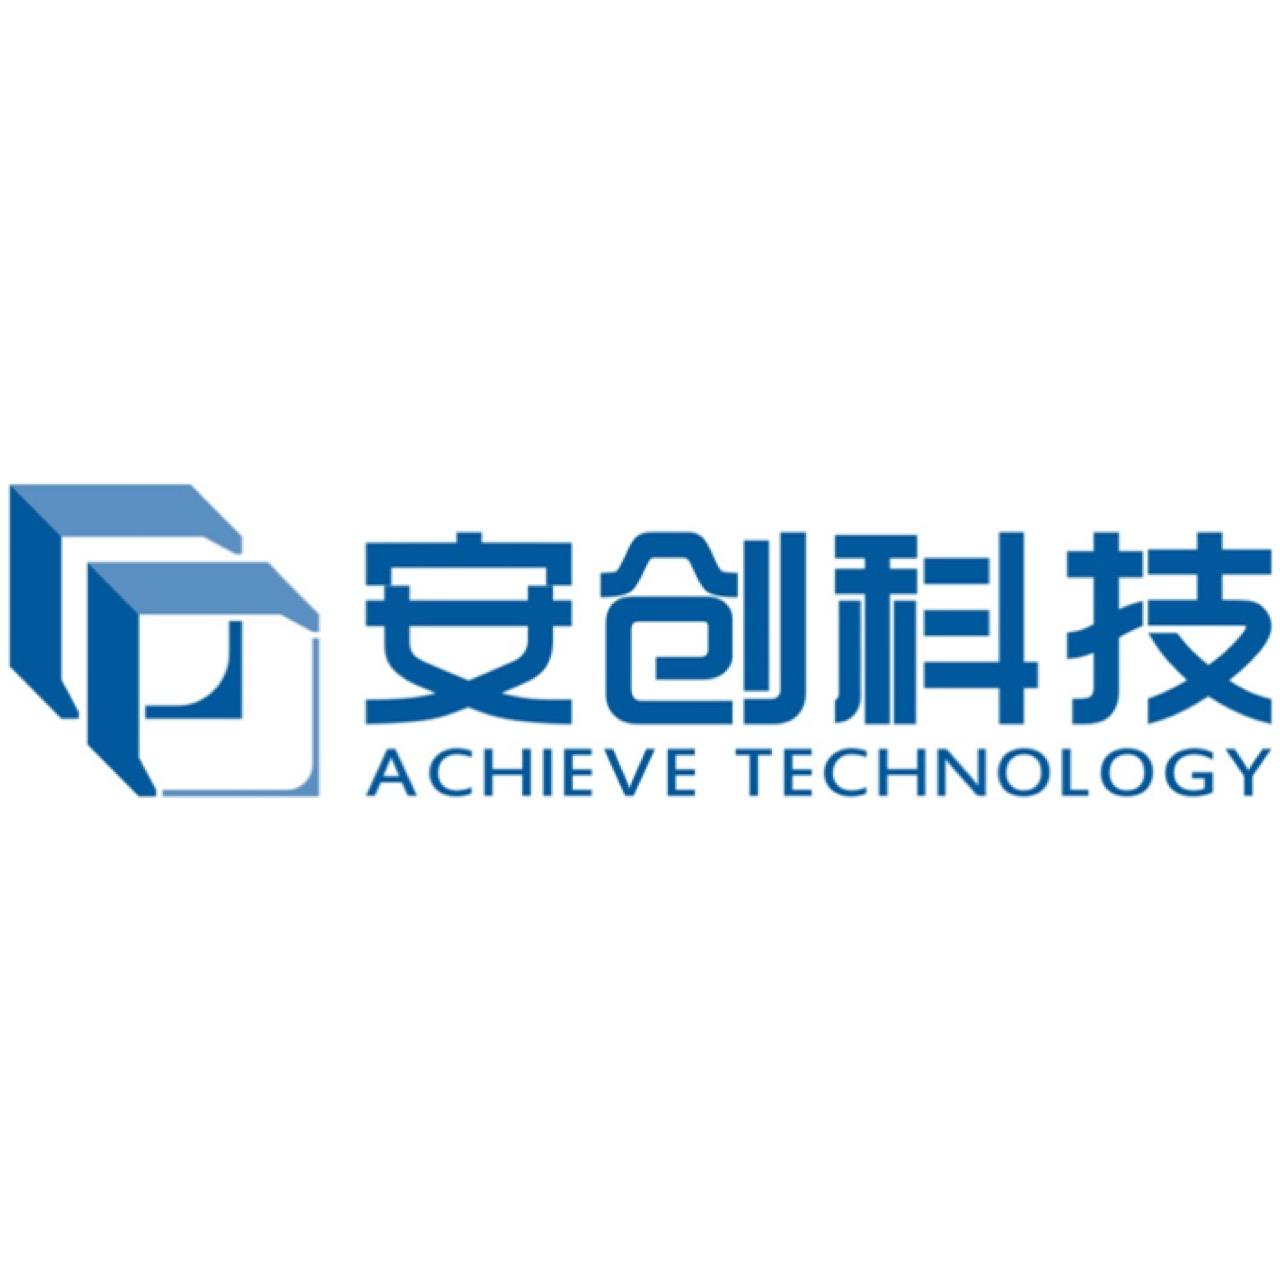 廣東安創信息科技開發有限公司